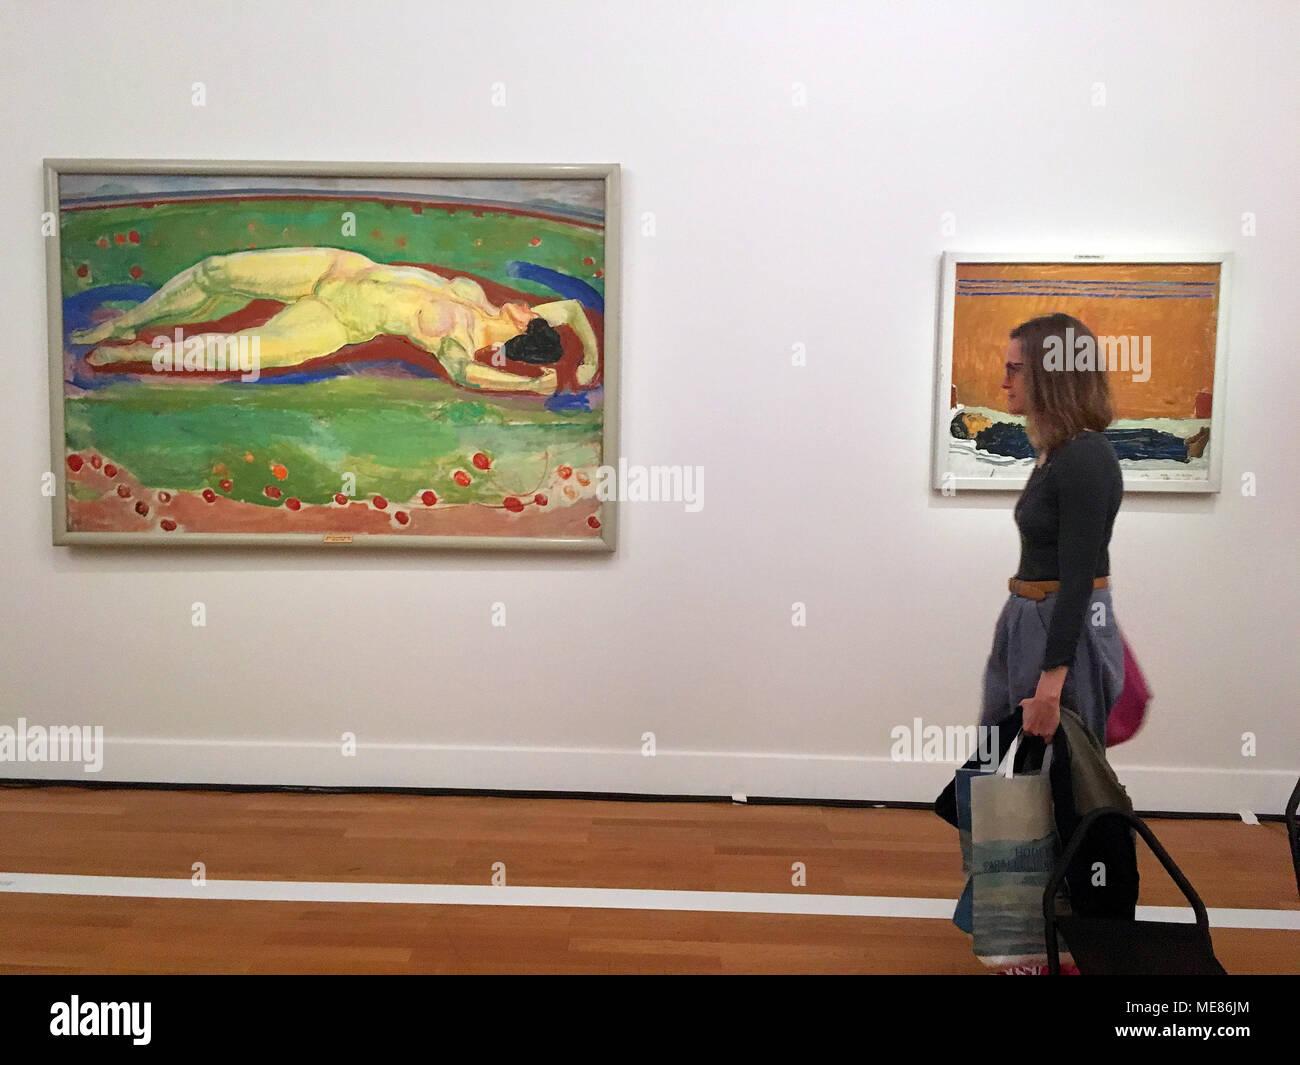 19 de abril de 2018, Suiza, Ginebra: una mujer en la inauguración de la exposición de Hodler en el Musee d'Art et d'Histoire. La pintura de la mujer acostada se titula 'Le Dese' (deseo) y data de 1908. Foto: Christiane Oelrich Crédito/dpa: dpa picture alliance/Alamy Live News Foto de stock